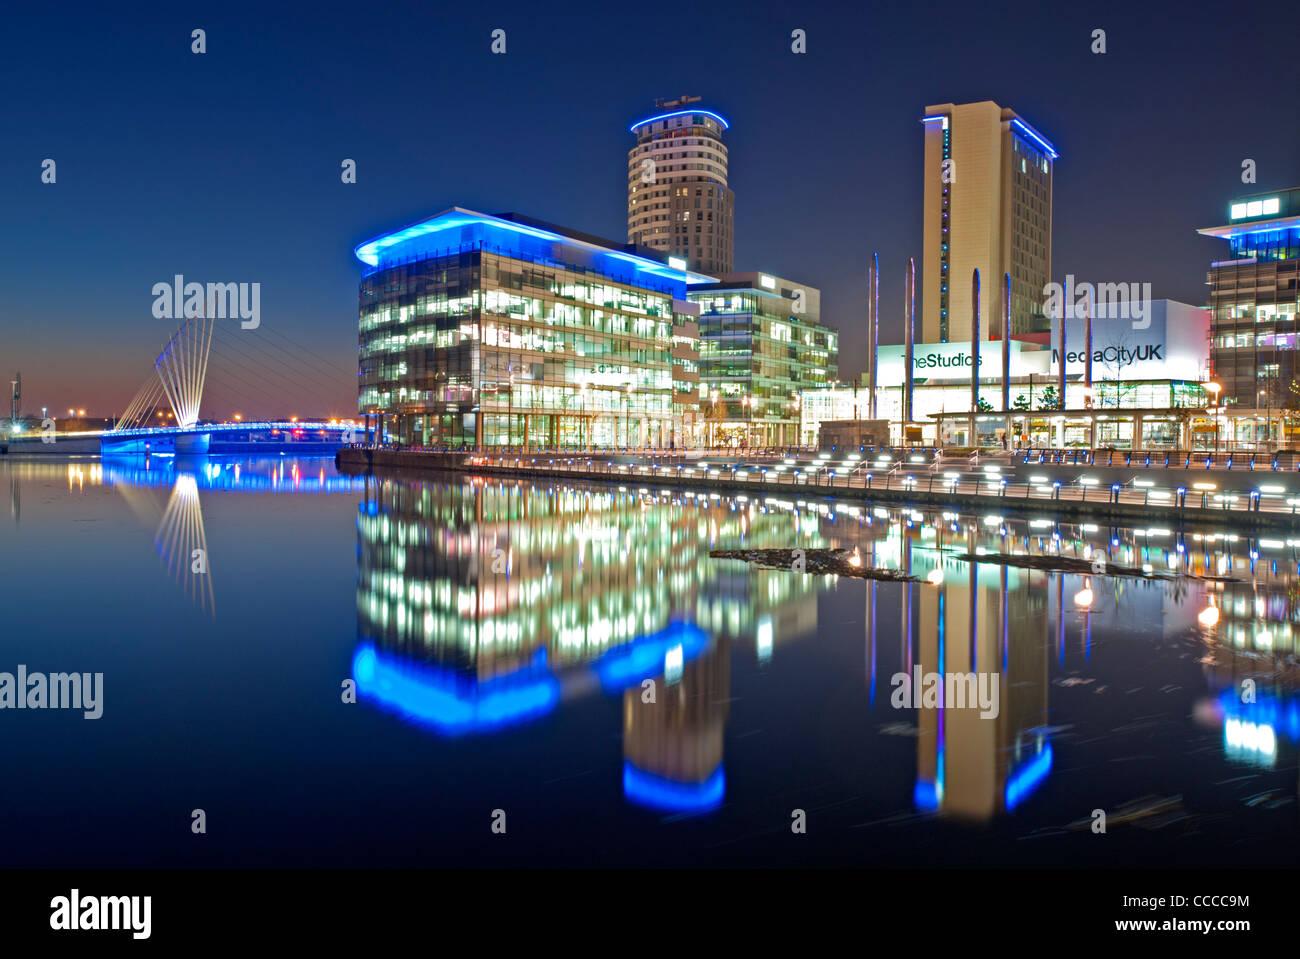 Media City passerella e Studios a MediaCityUK di notte, Salford Quays, Greater Manchester, Inghilterra, Regno Unito Immagini Stock